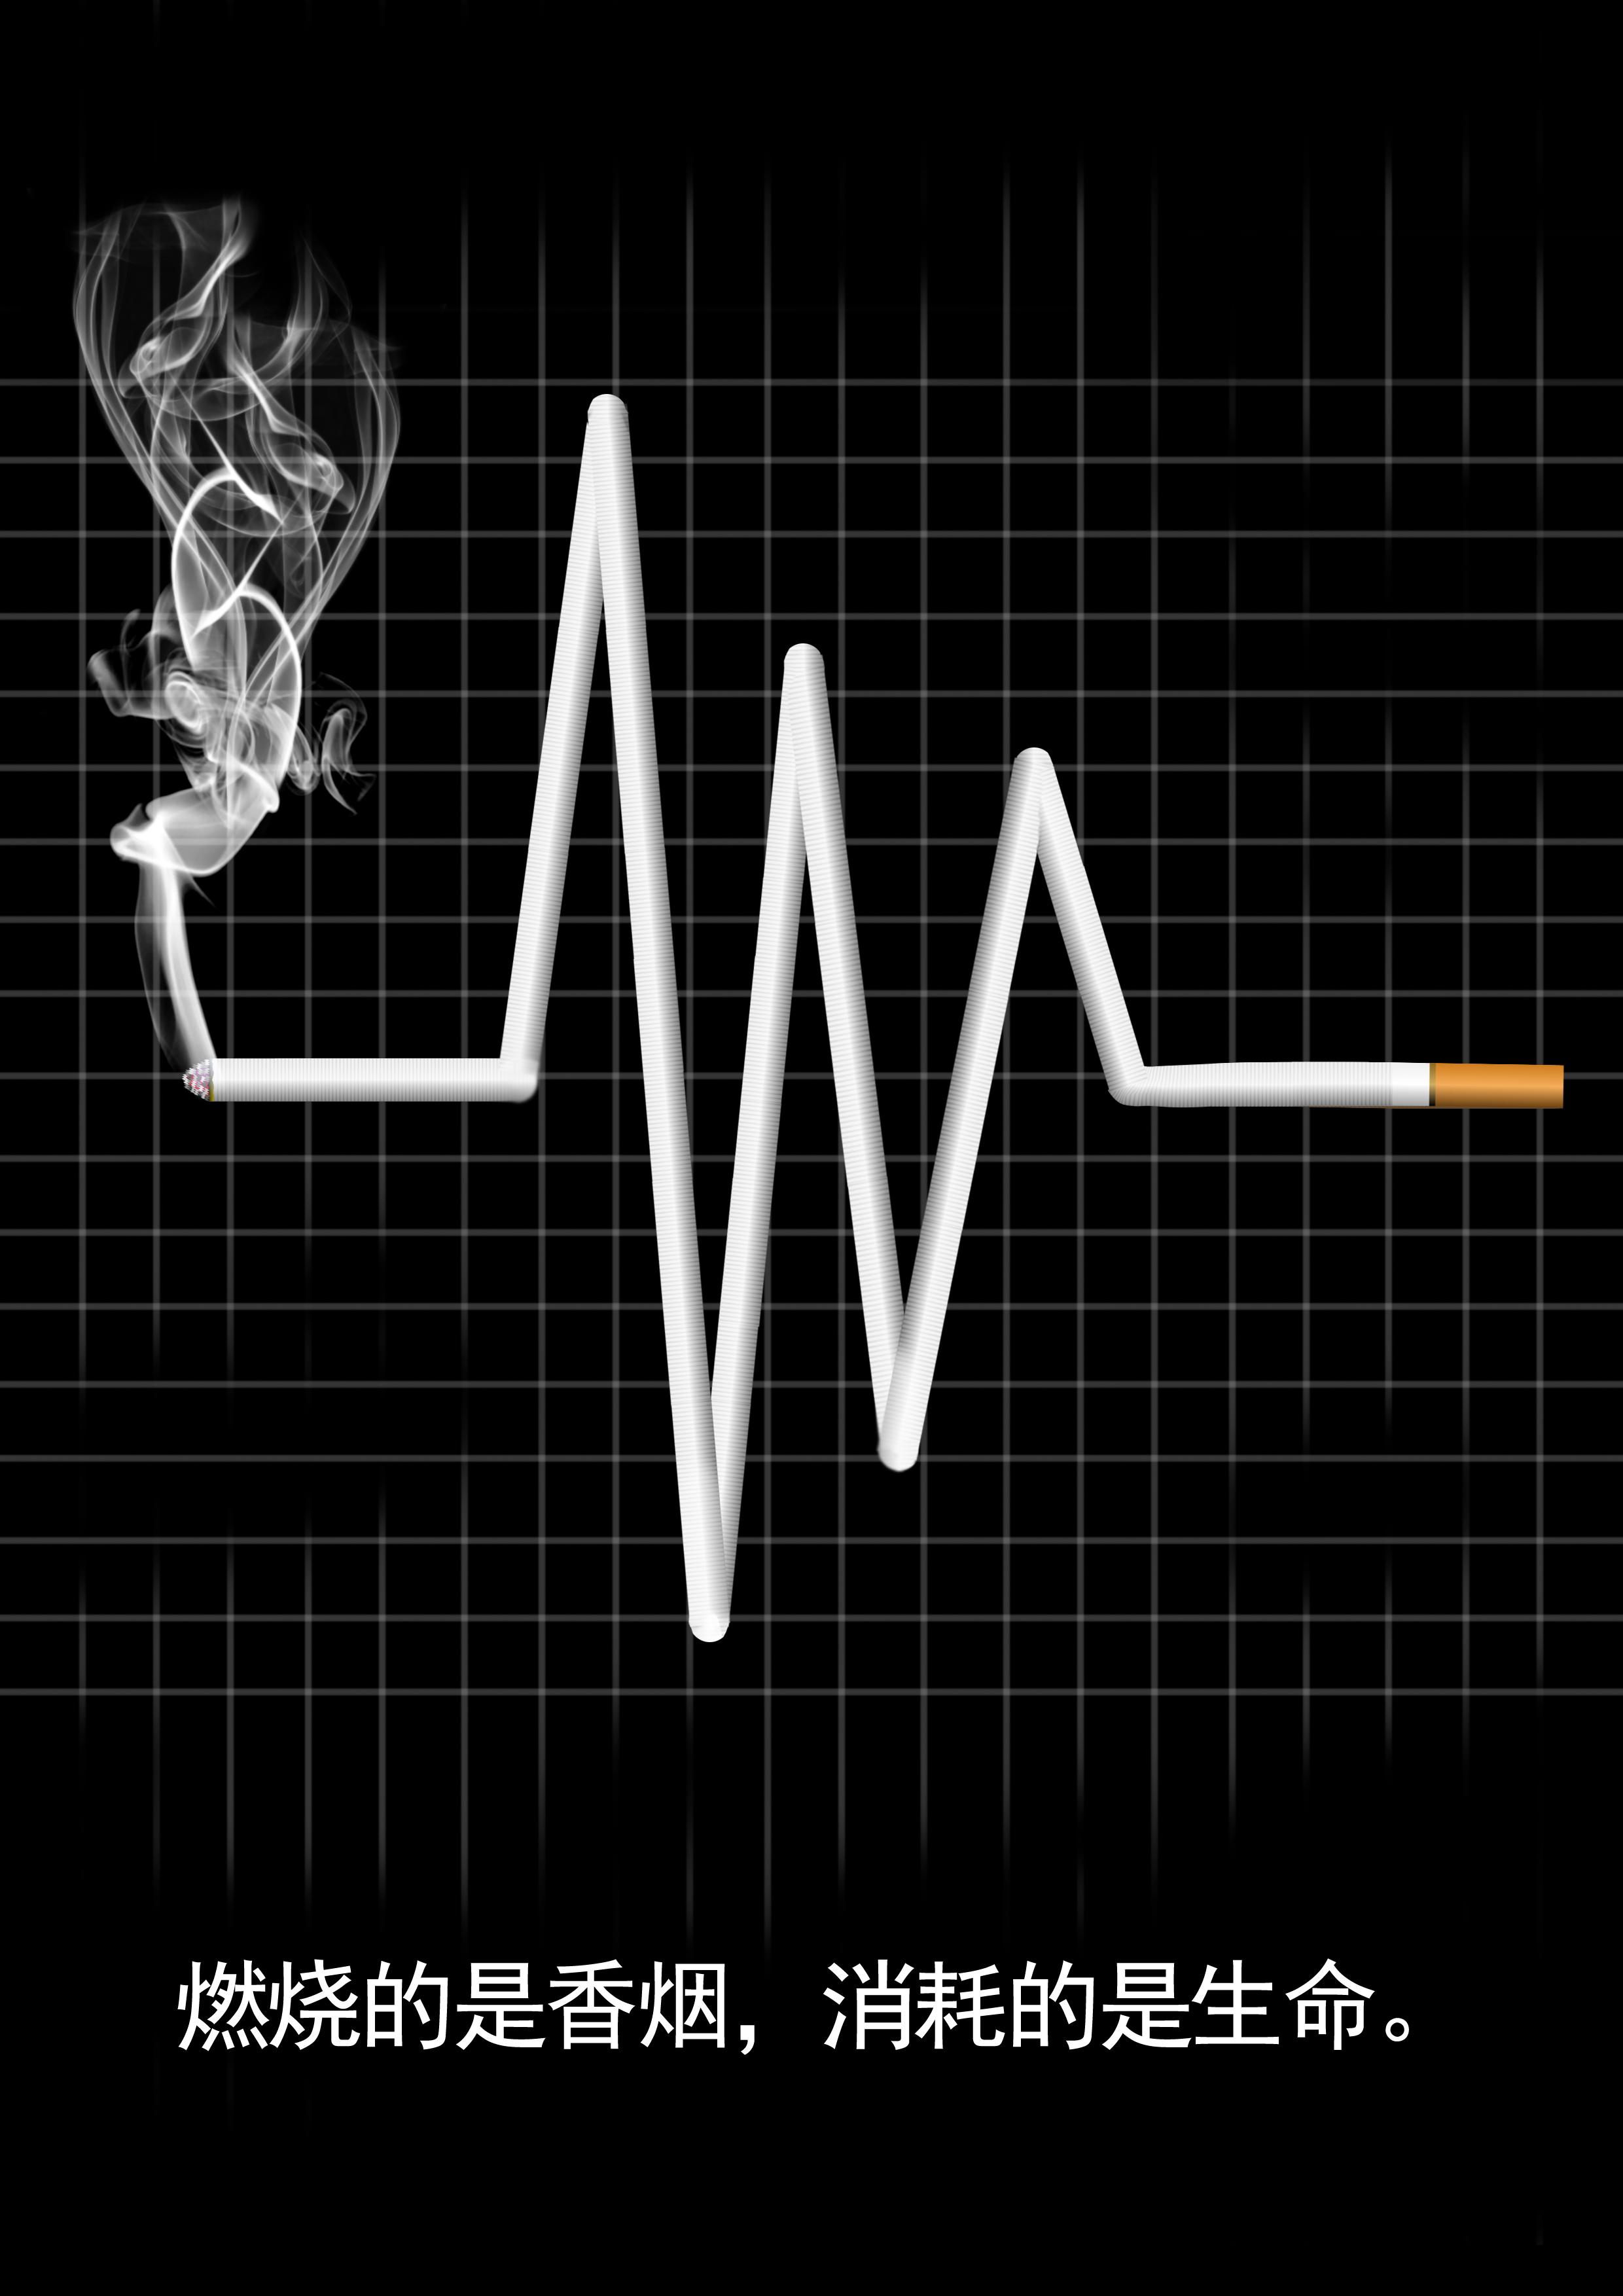 戒烟|平面|海报|lzq844086604 - 原创作品 - 站酷图片